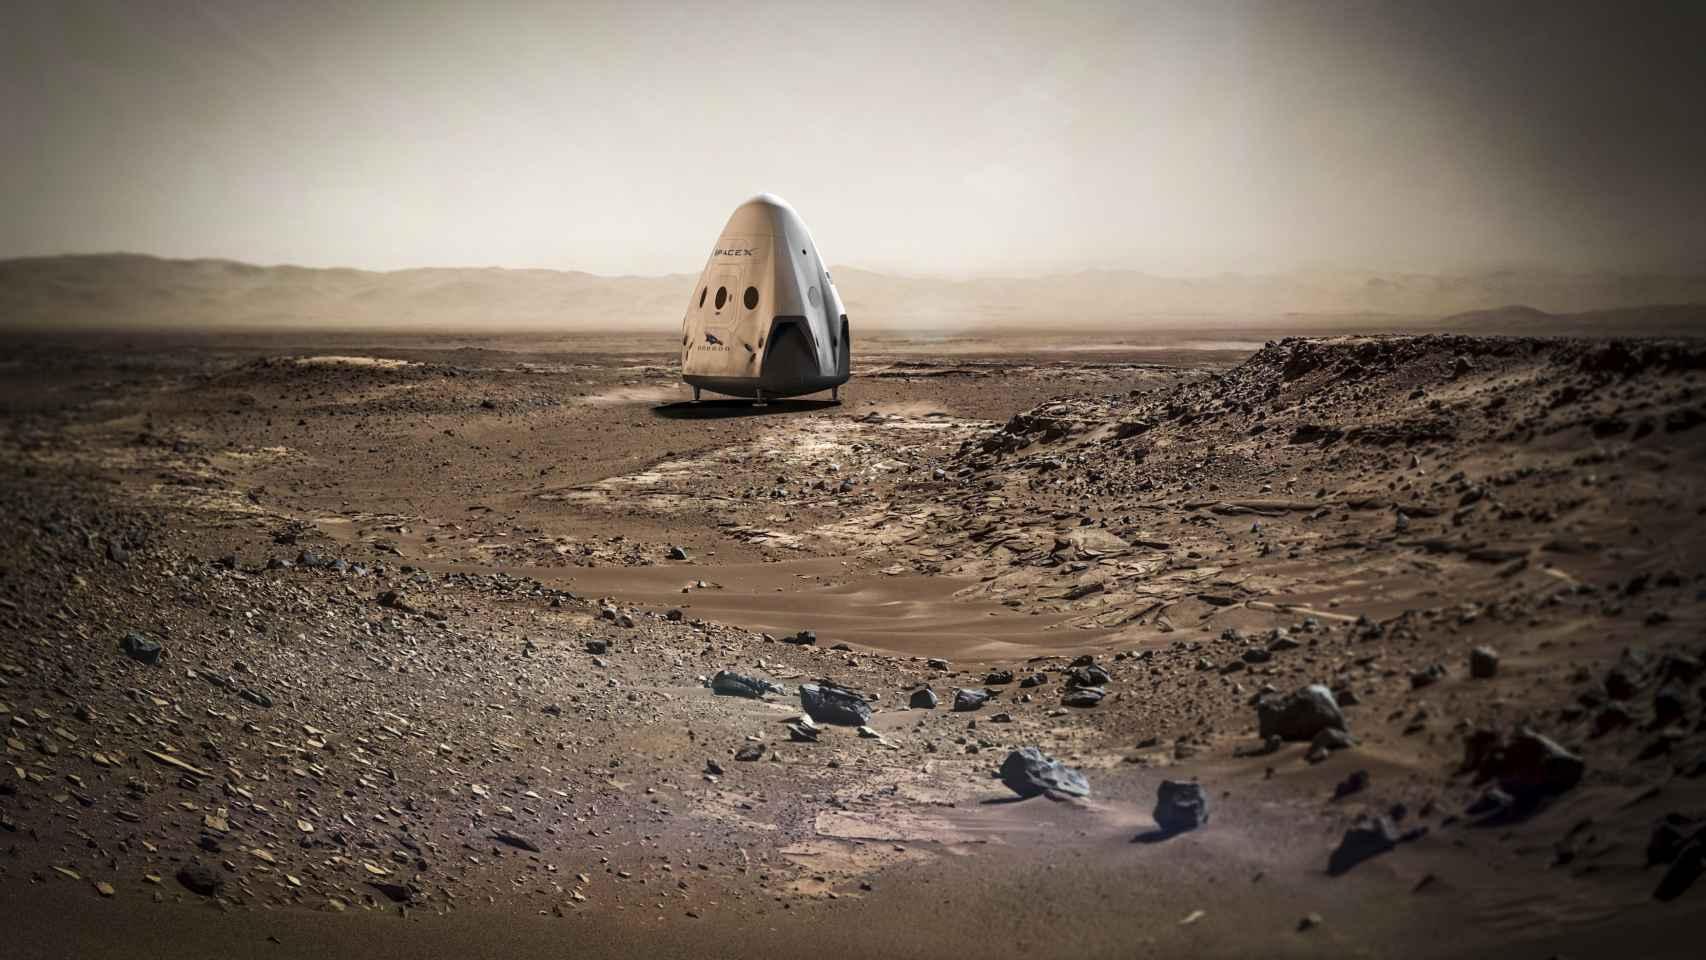 Así sería la llegada de la misión Dragon a Marte... si todo sale bien.